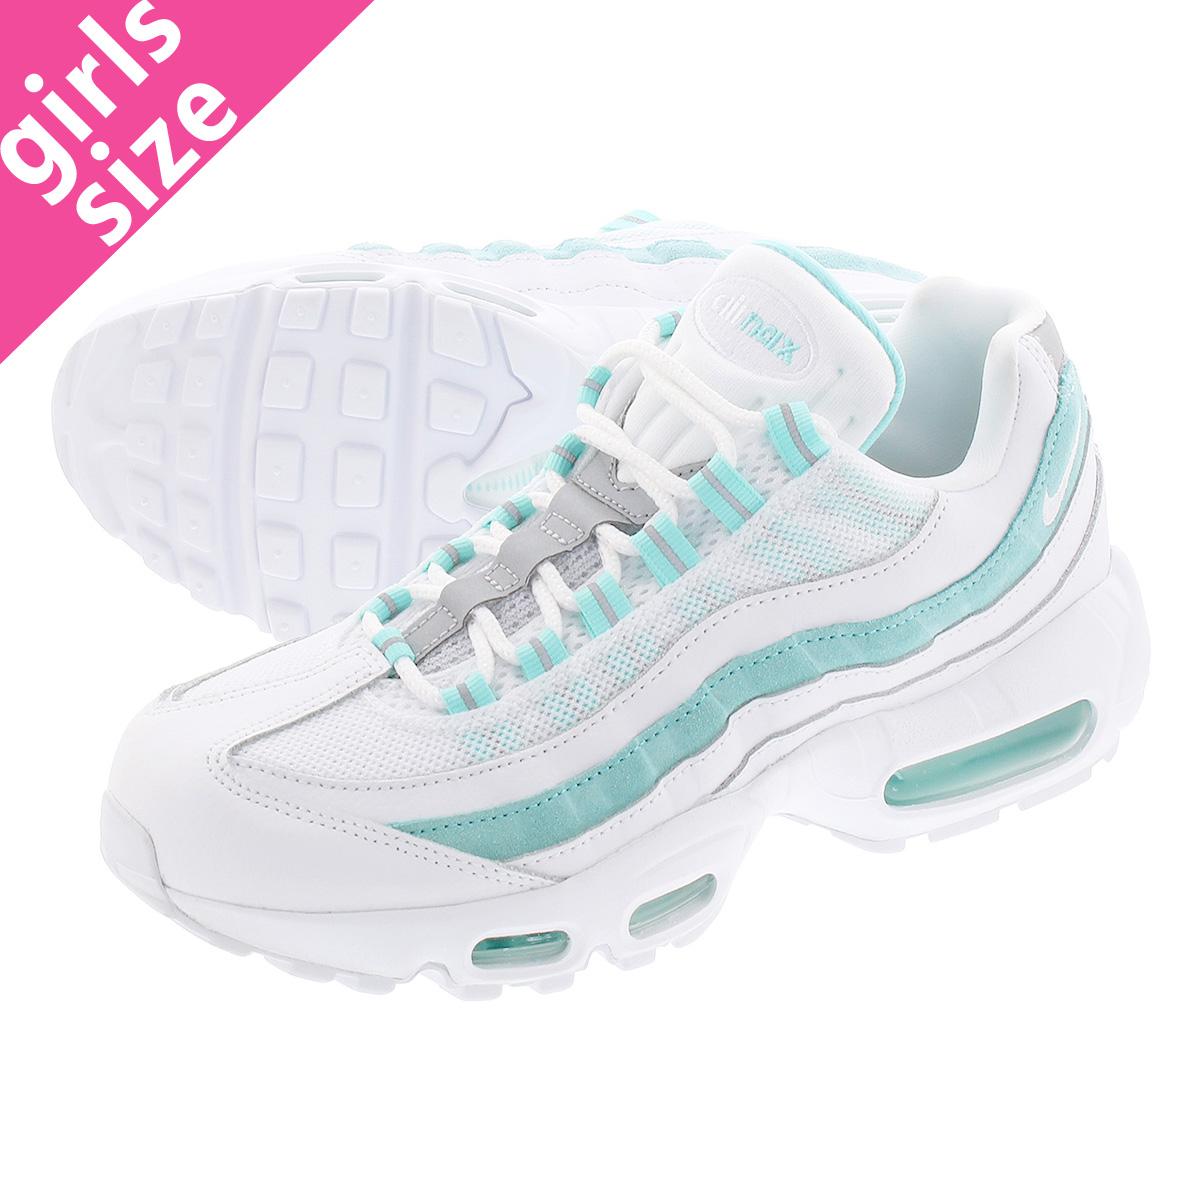 save off 6fb35 f2af1 NIKE WMNS AIR MAX 95 Nike women Air Max 95 WHITE/WHITE/LIGHT AQUA  307,960-115